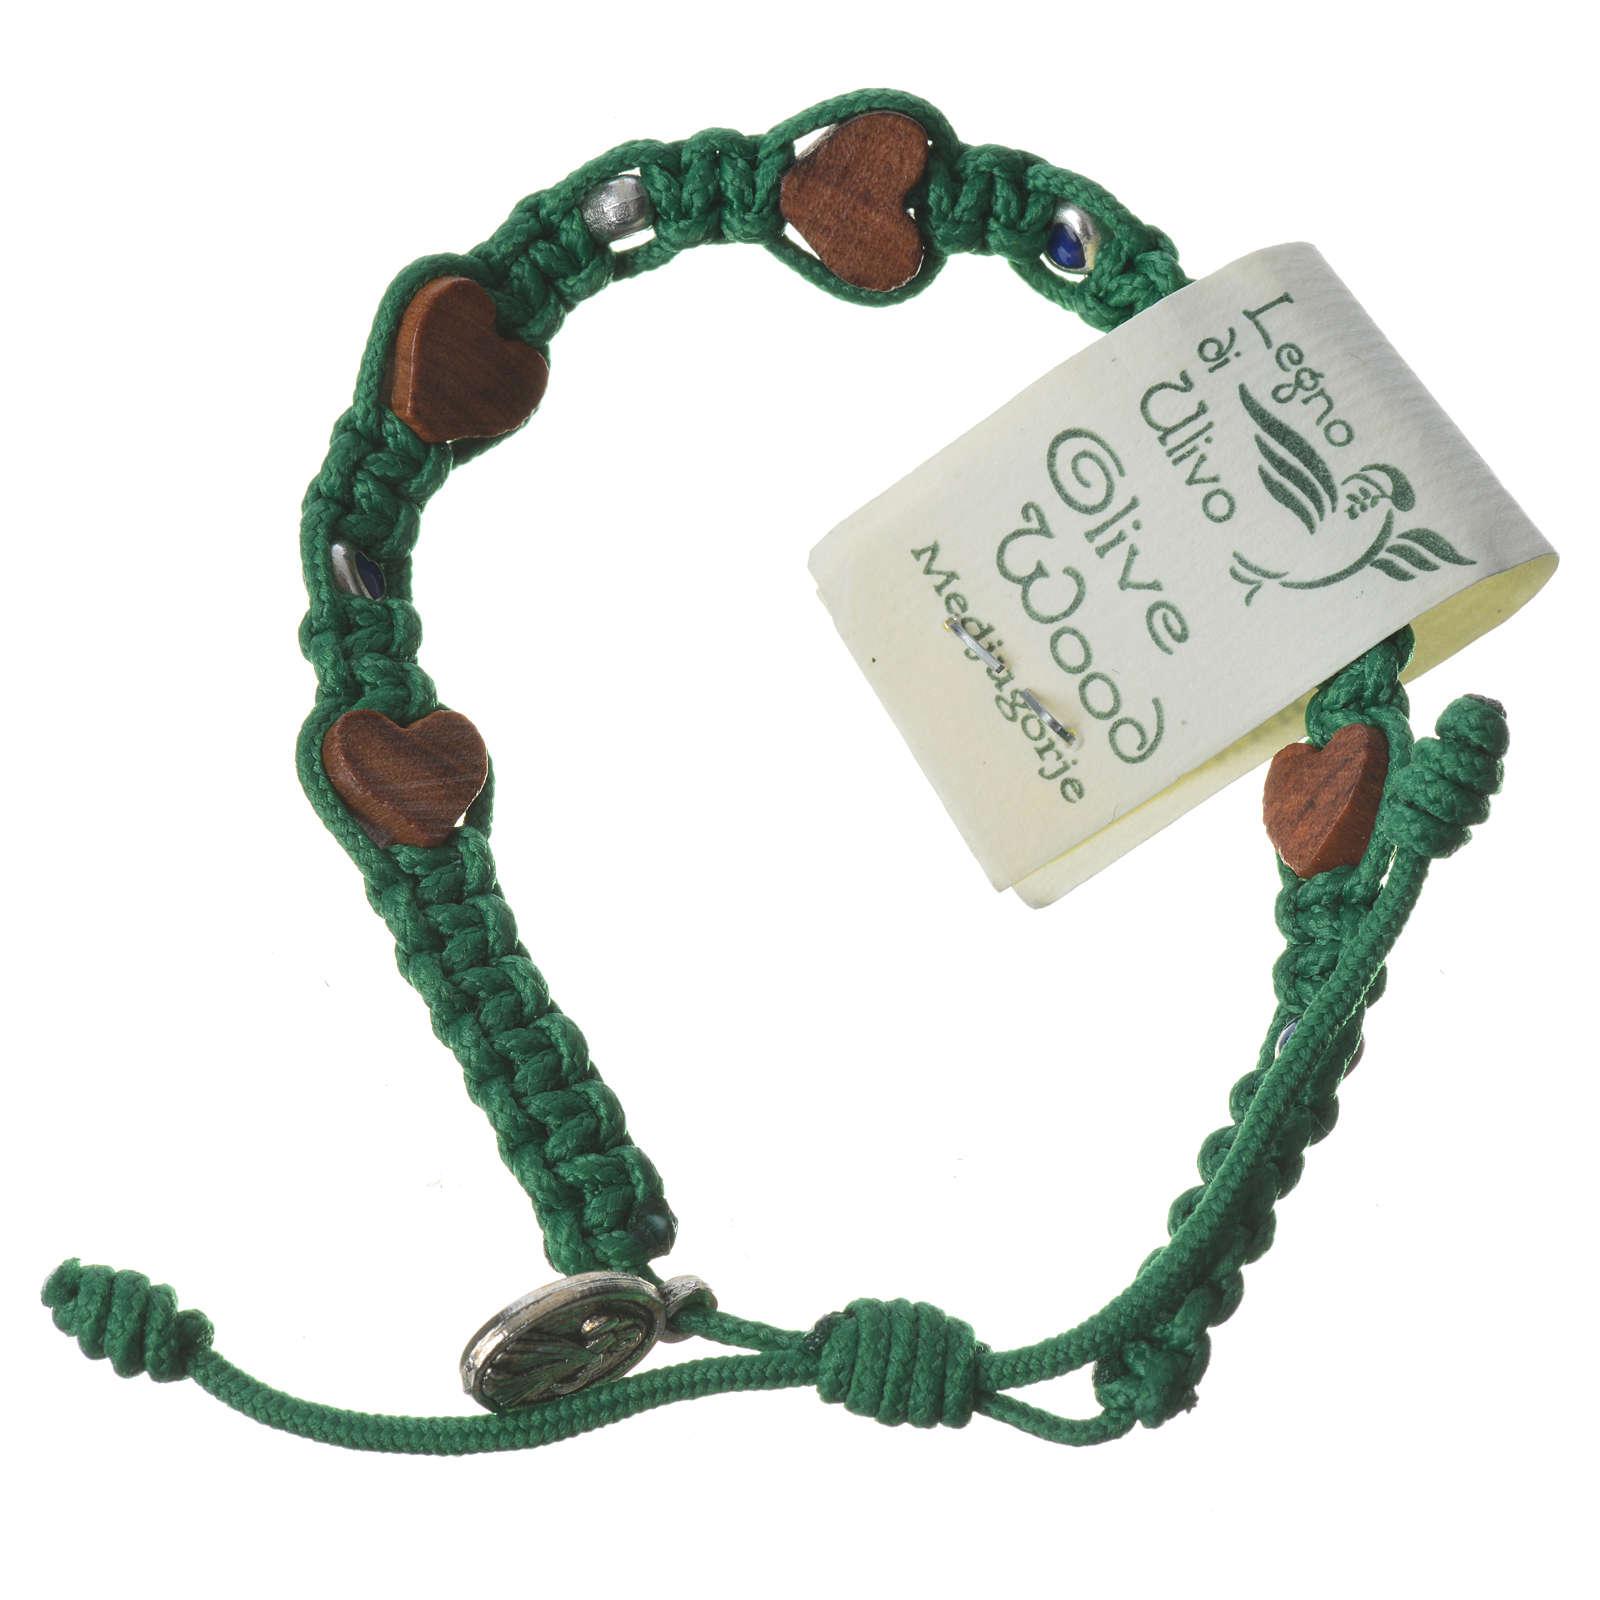 Bracciale ulivo cuori Medjugorje corda verde 4